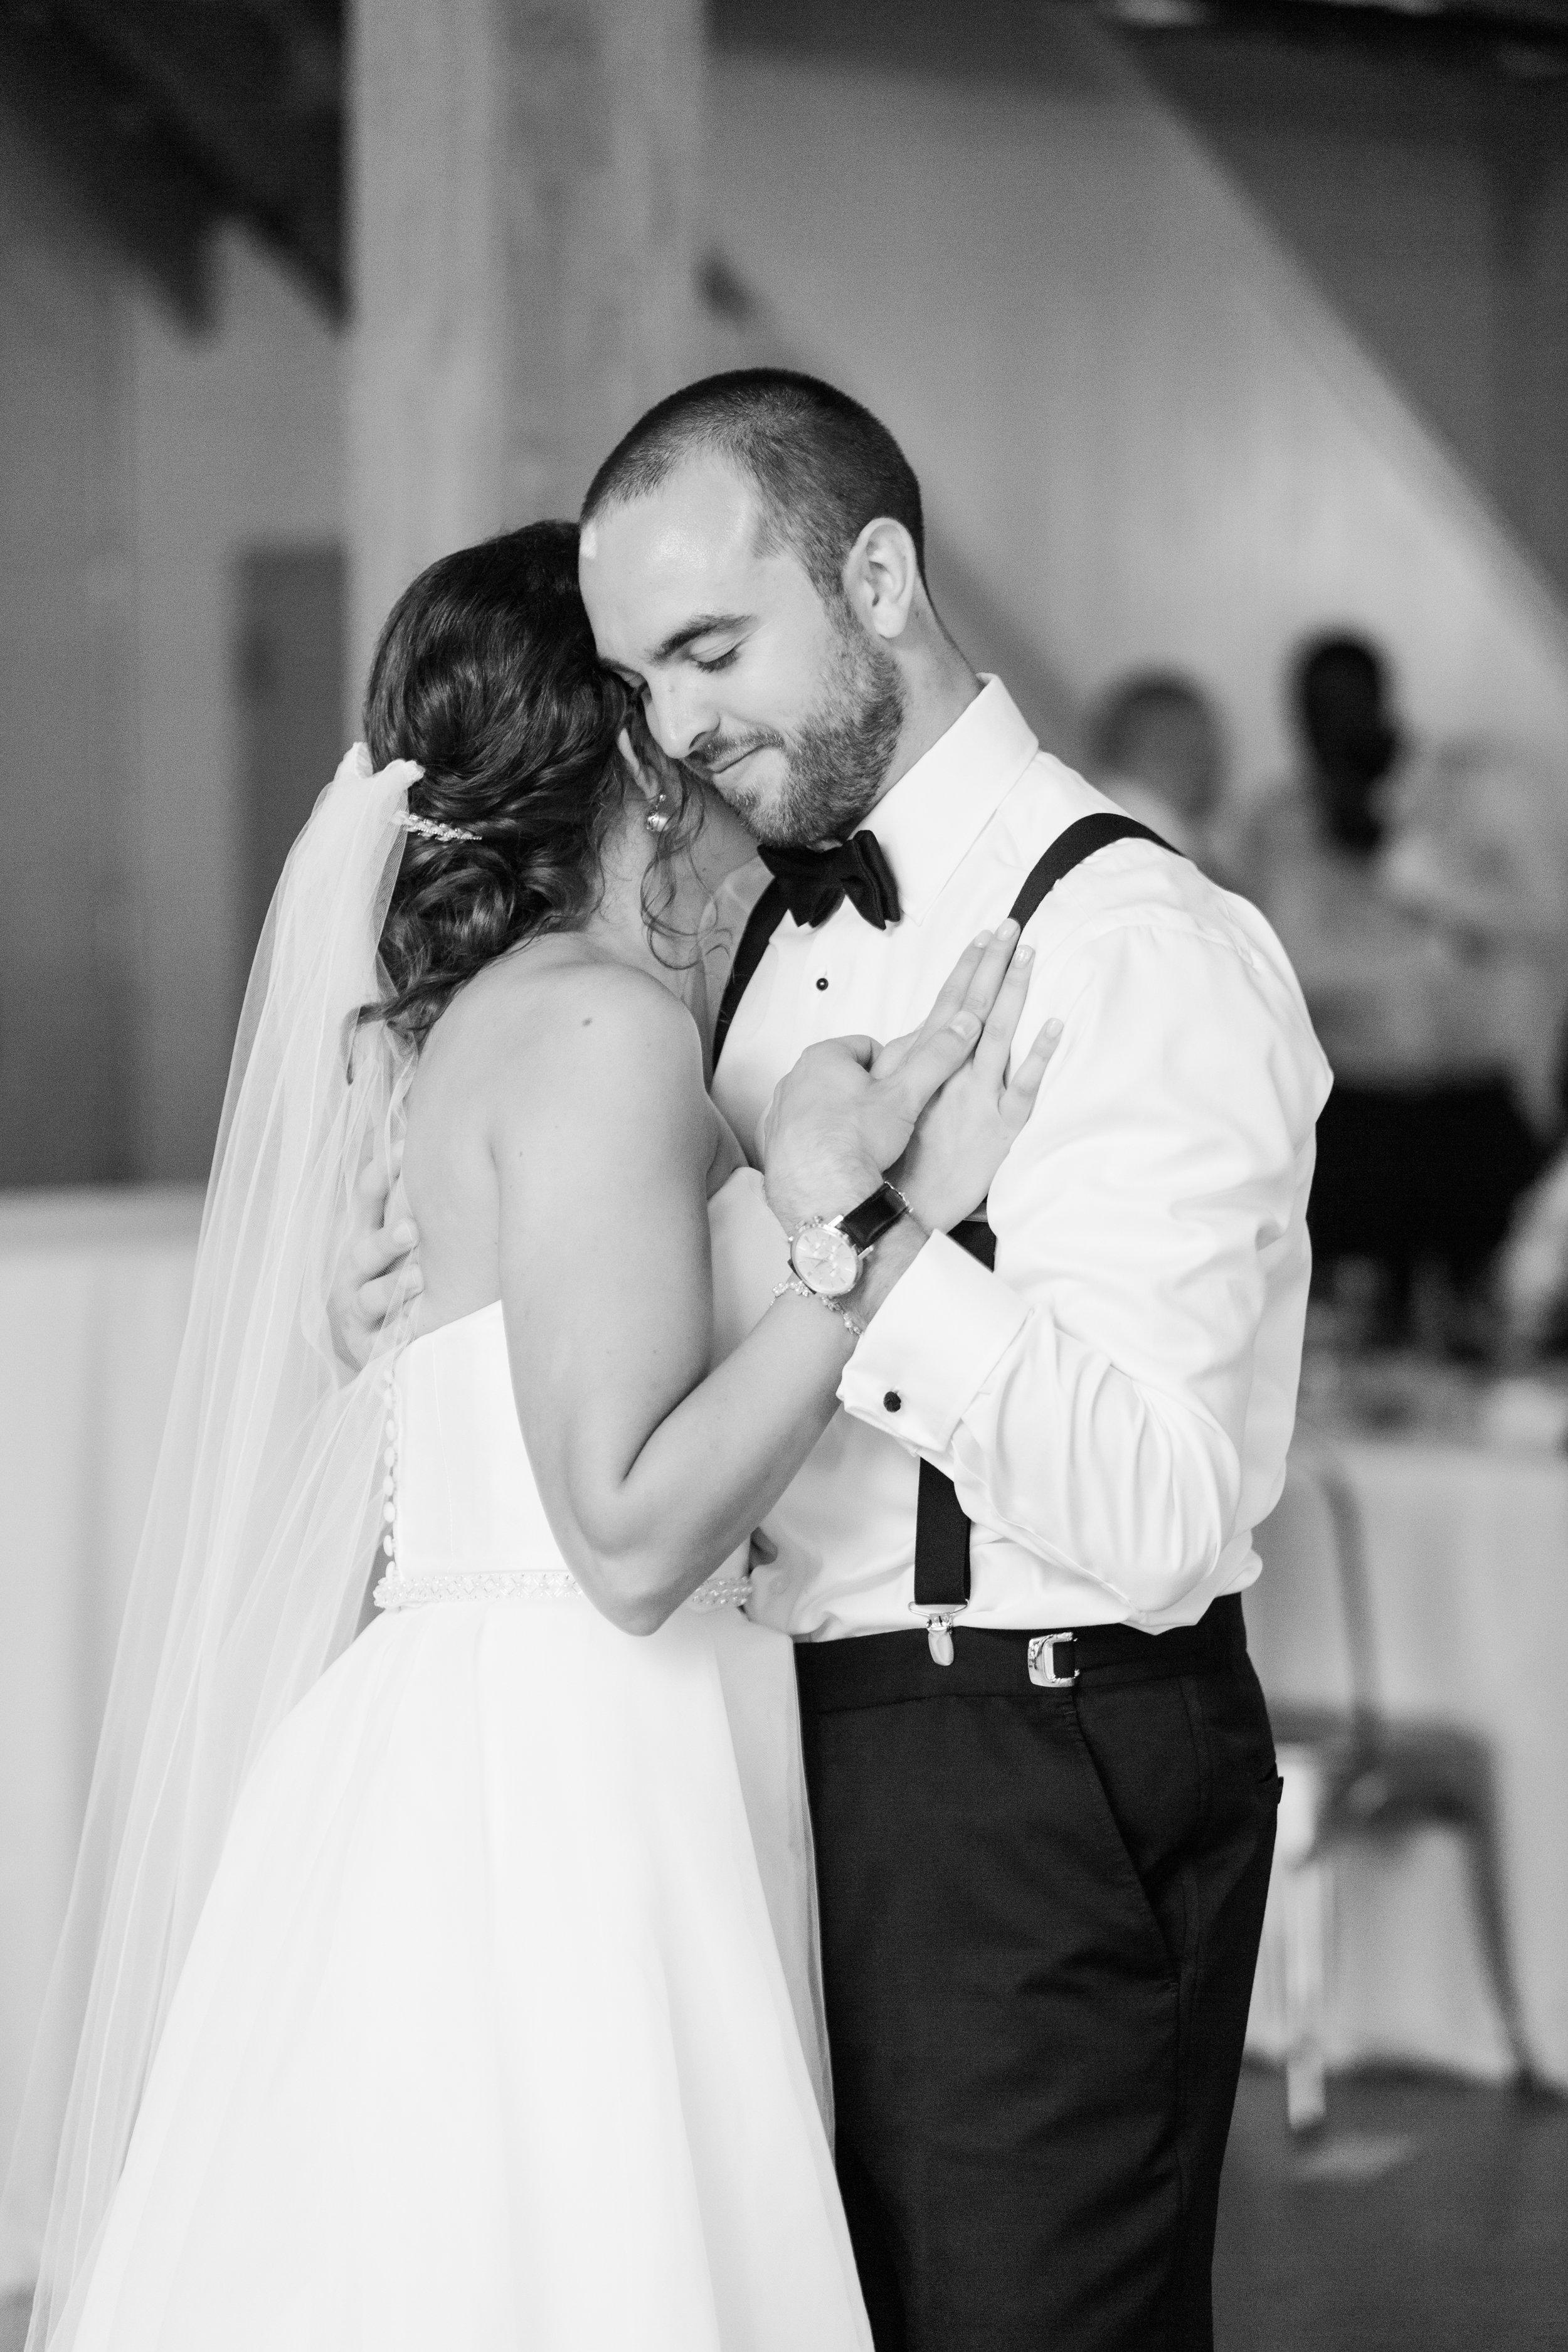 Steiner+Wedding+Reception+First+Dance-34.jpg